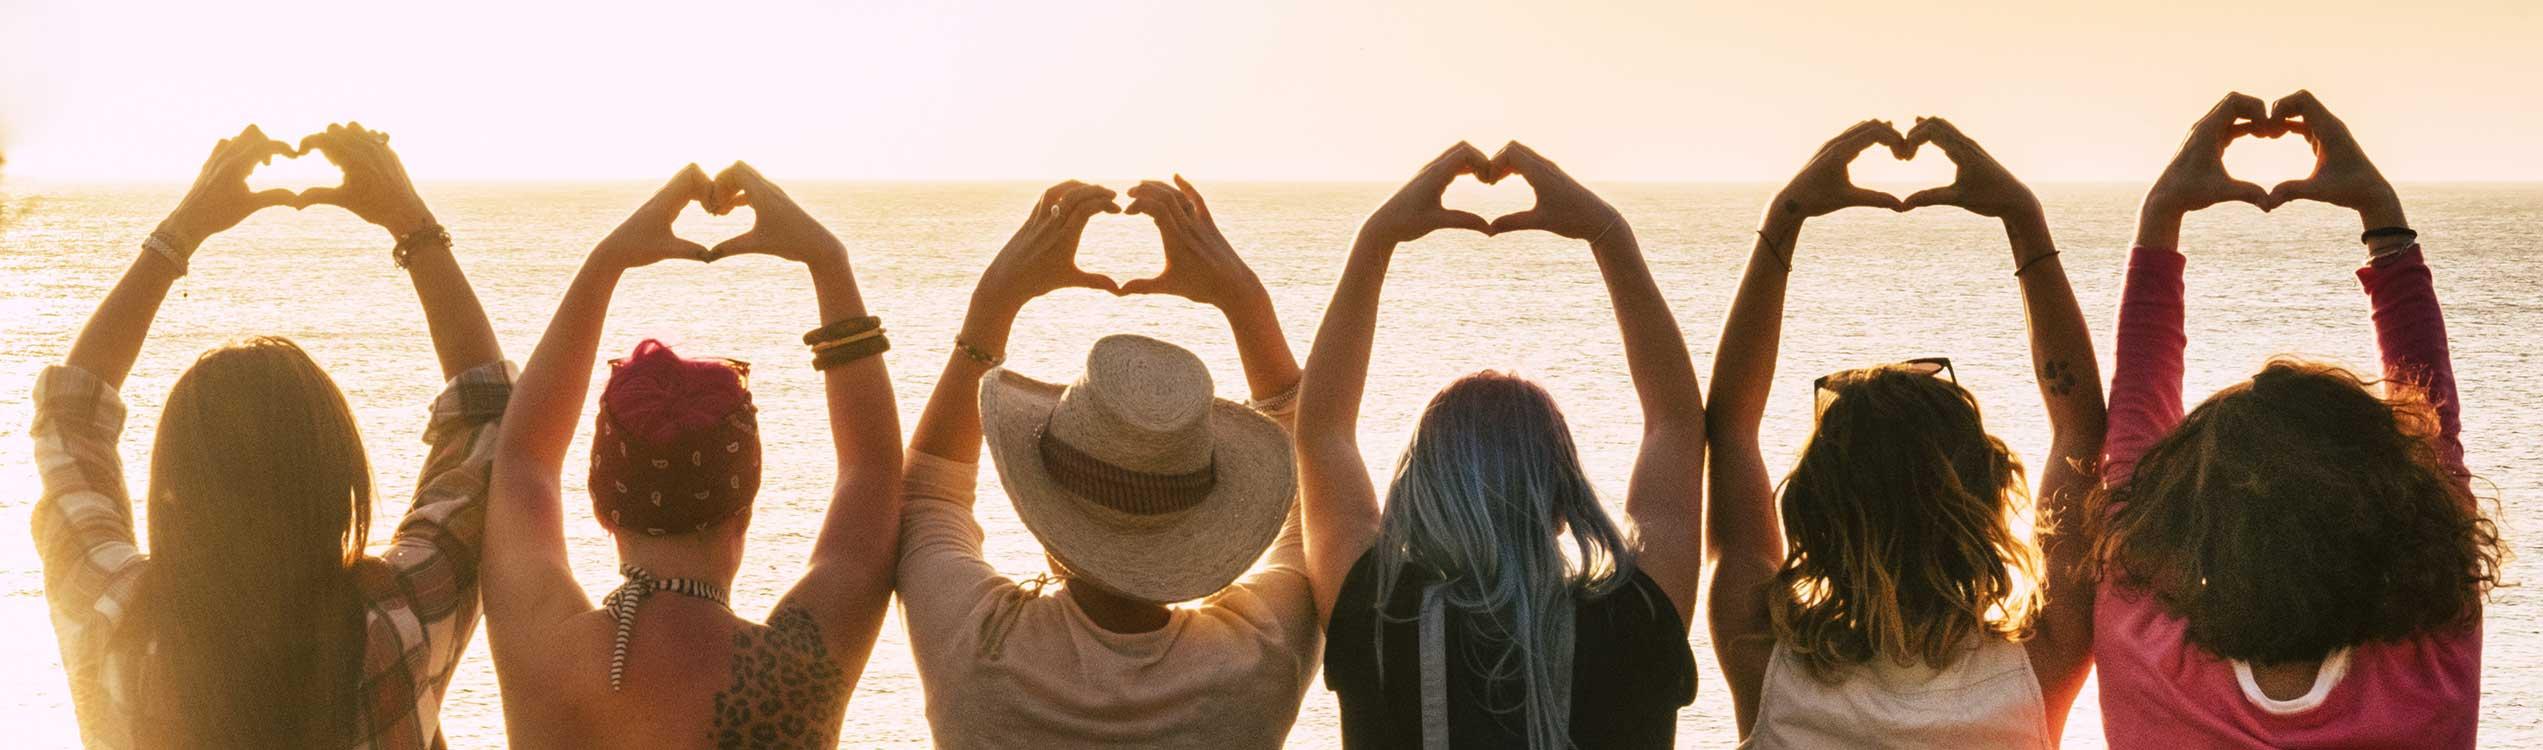 Danke für Ihre Kontaktaufnahme - Frauen mit Herzsymbol - Titelbild